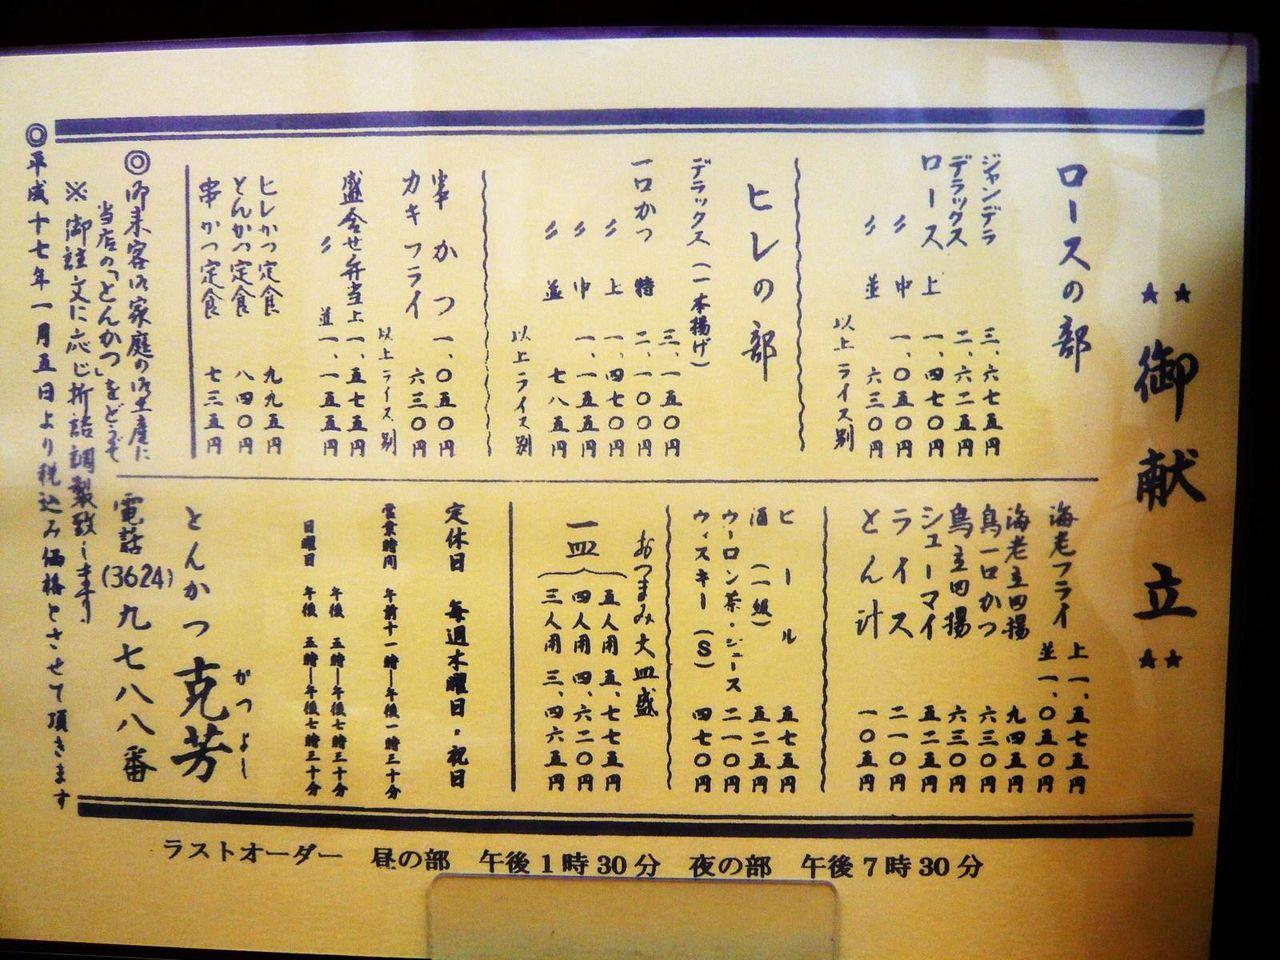 横綱とんかつ克芳のメニュー(23年2月現在)